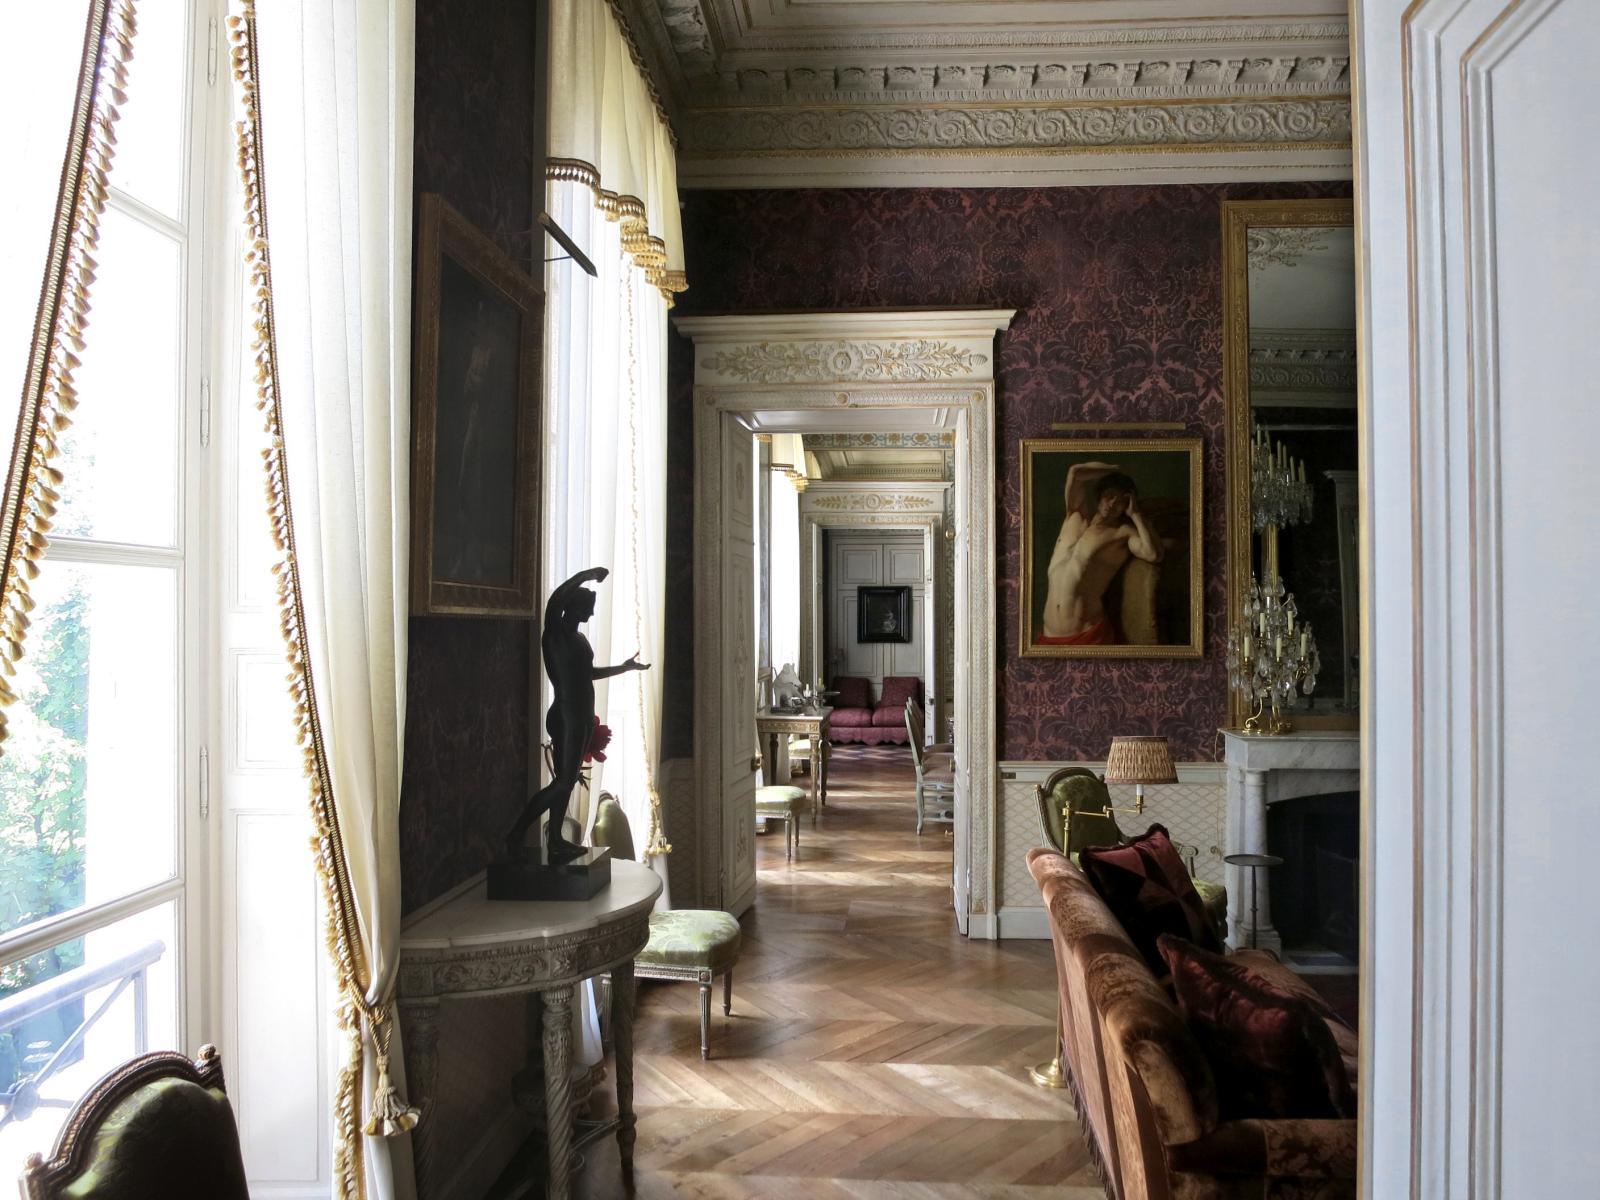 En 2013, Pierre Bergé avait confié à Roberto Peregalli la décoration de son dernier appartement, après avoir visité sa maison de Tanger.